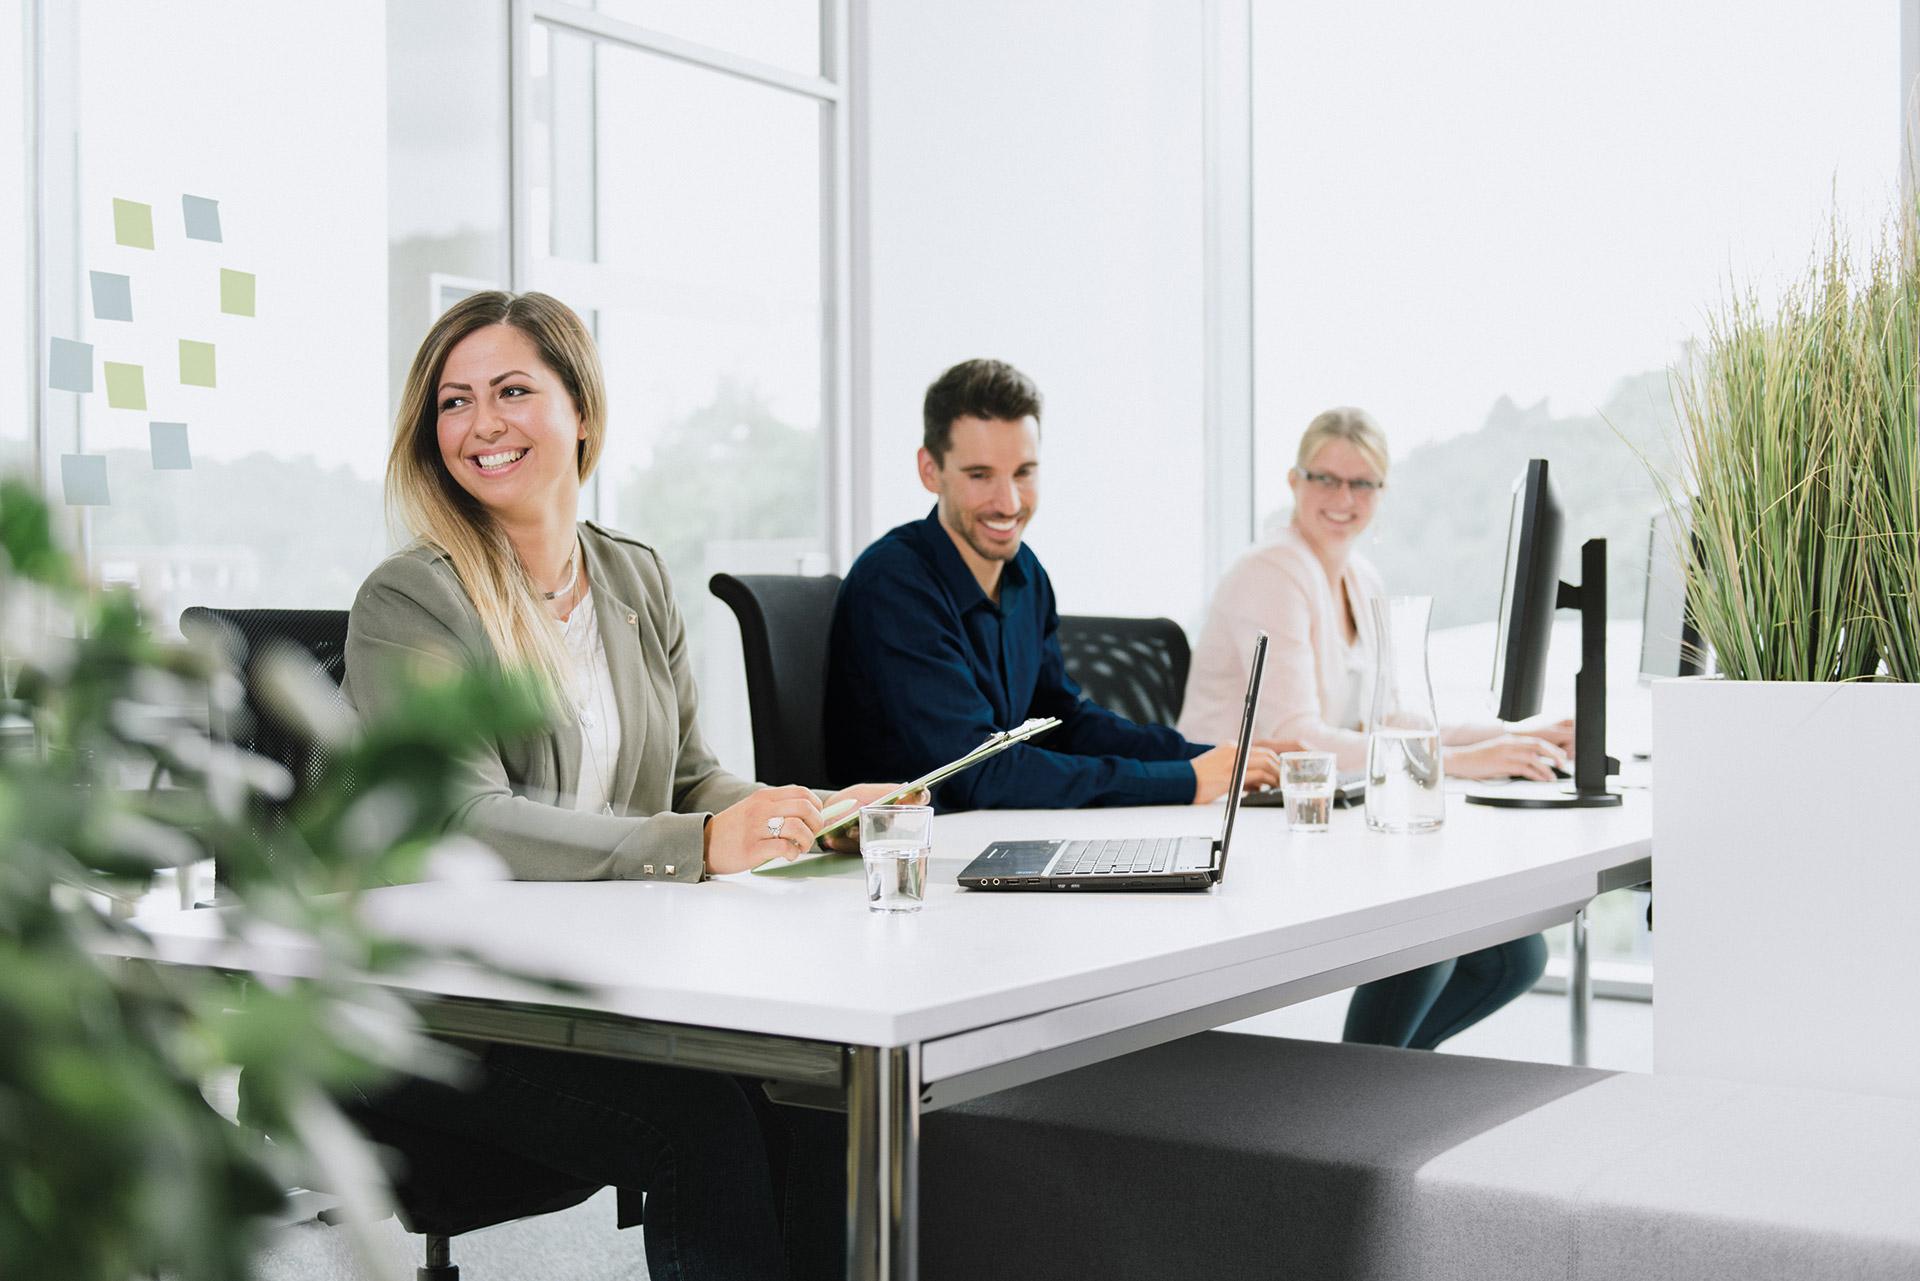 Hees Bürowelt - Für das bessere Arbeiten • Hees.de